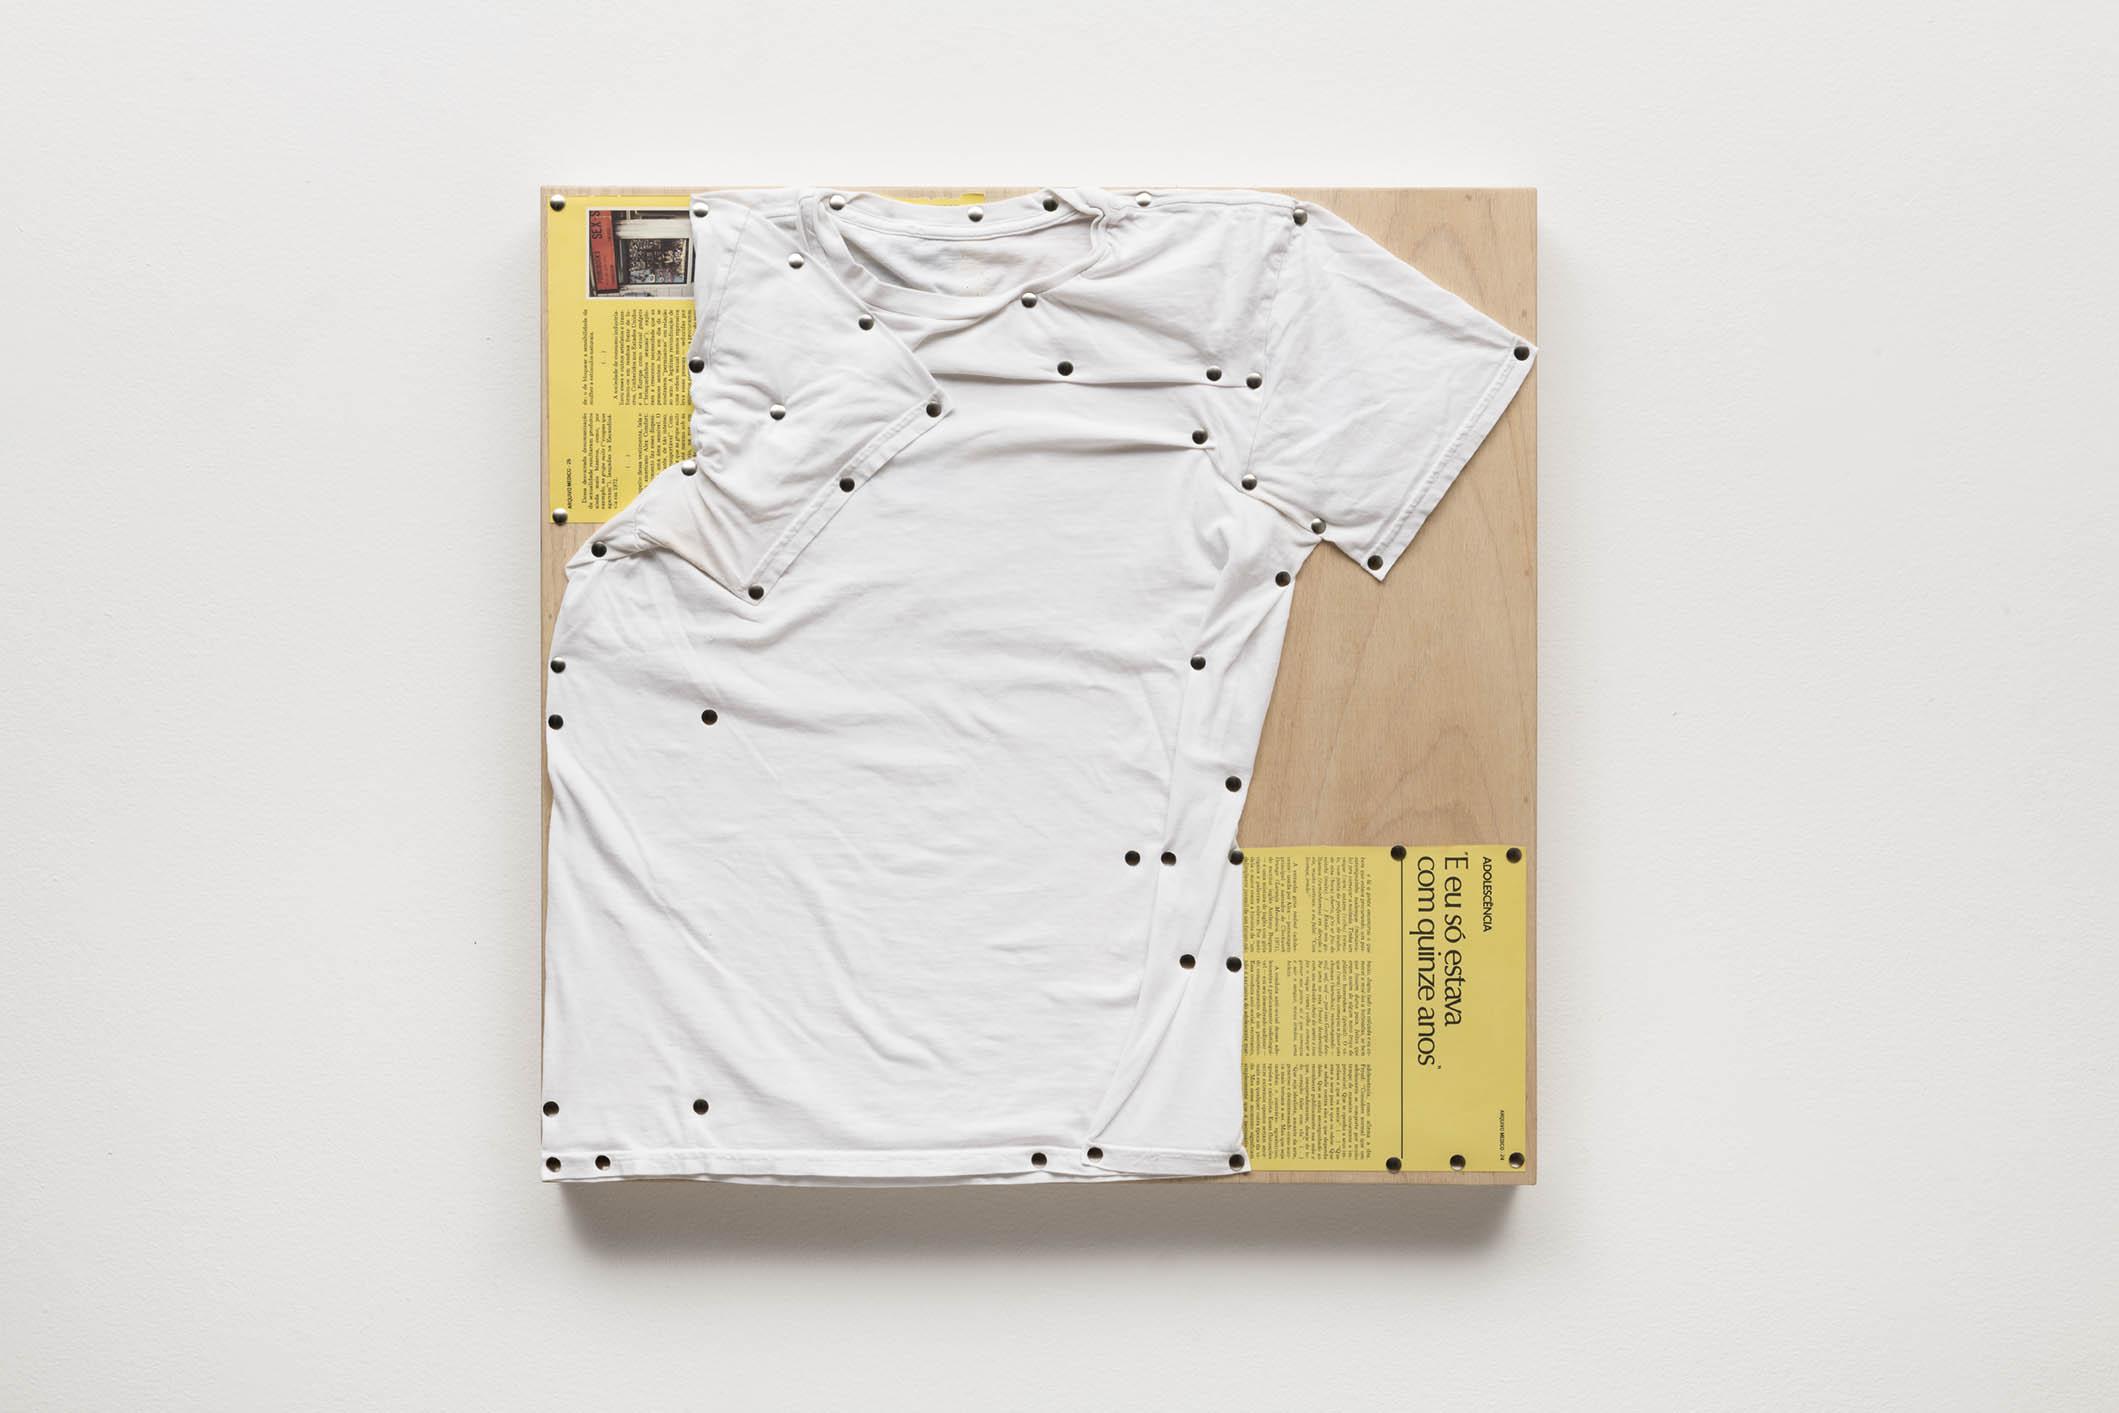 Spatial Constraints #3, 2019   camiseta, páginas de livro e pinos de aço sobre madeira |  plywood, t-shirts, book pages, steel pushpins   61 x 61 x 5 cm | 24 x 24 x 2 in